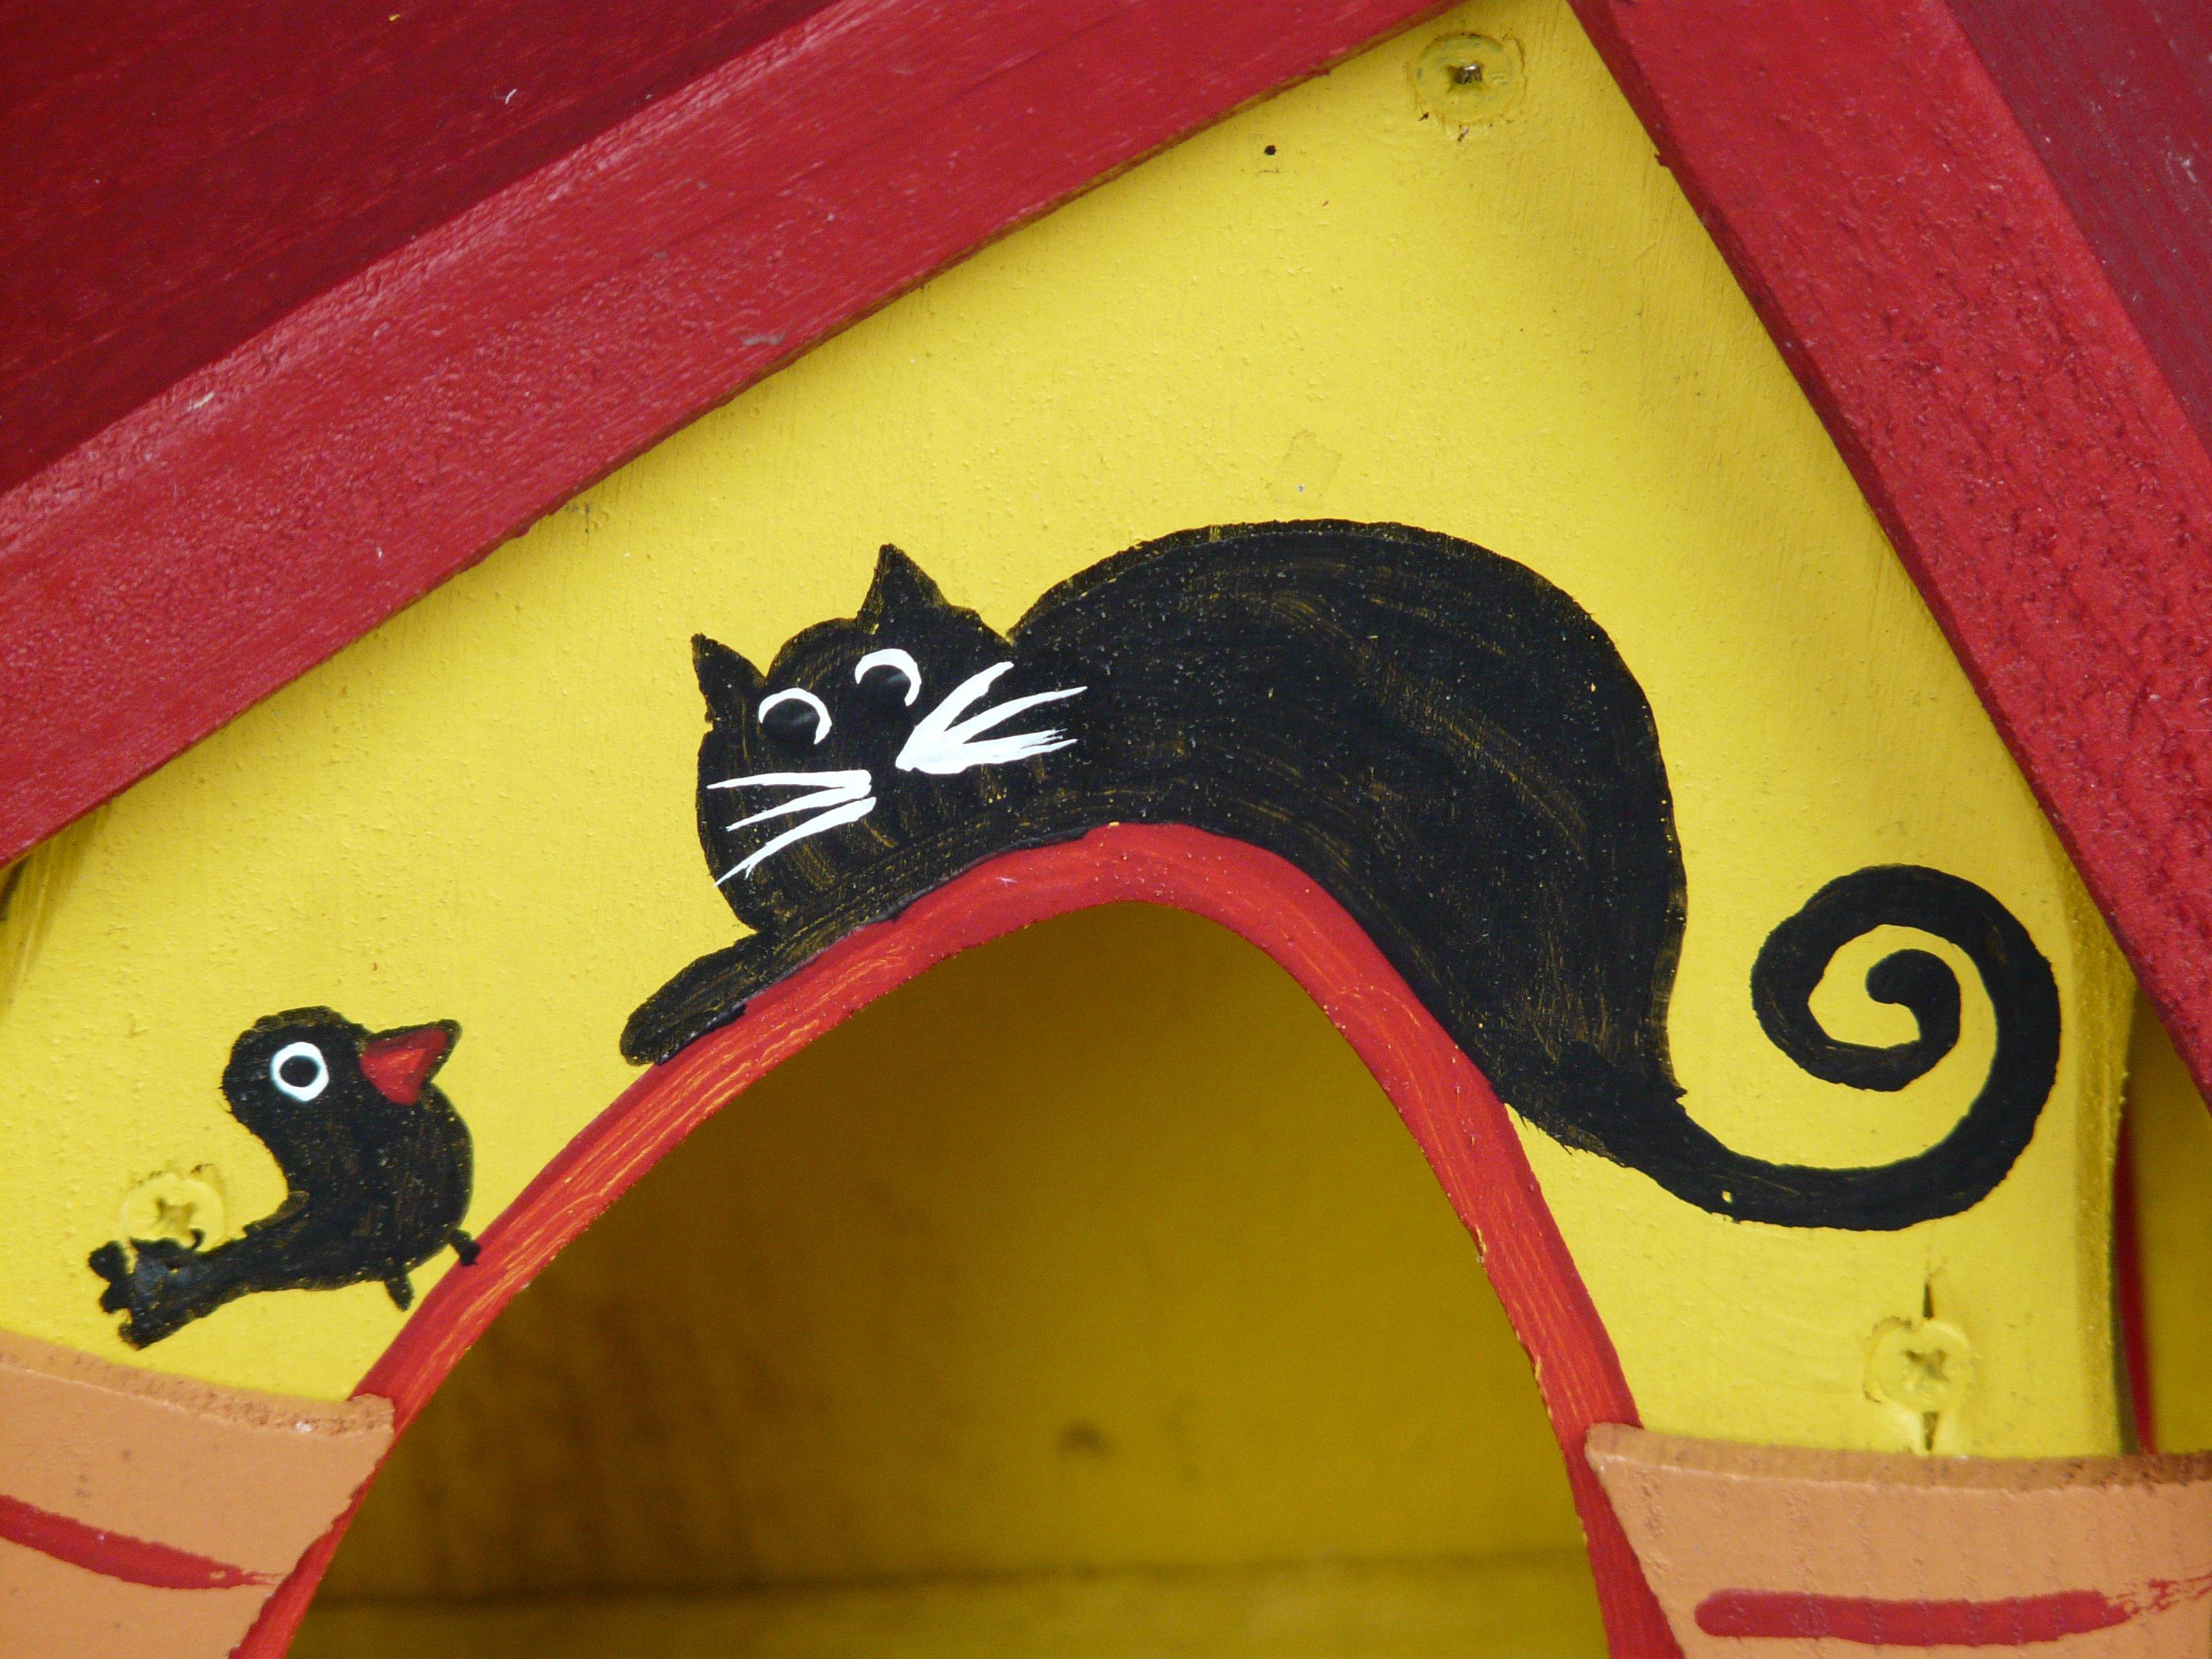 470 Koleksi Gambar Rumah Cat Merah Hitam Gratis Terbaru